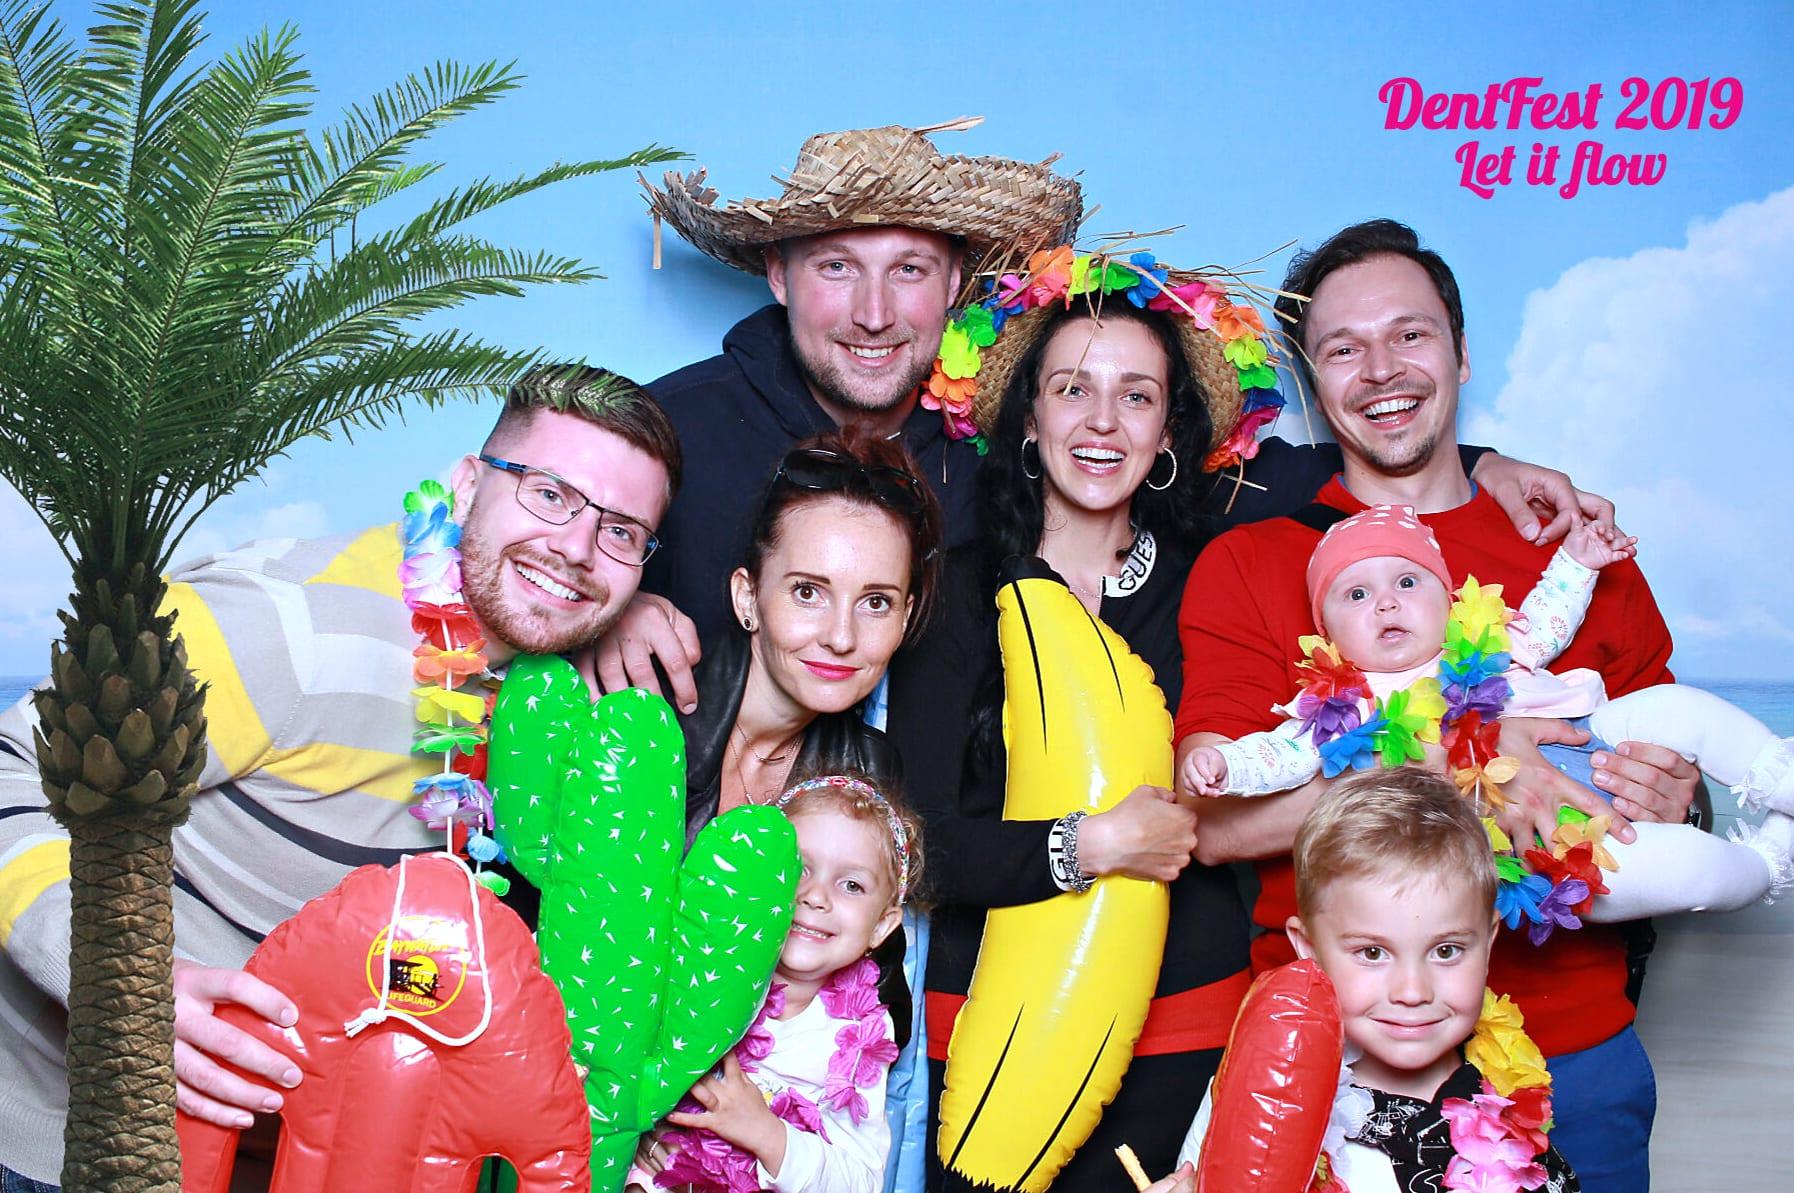 fotokoutek-dentfest-1-6-2019-616974